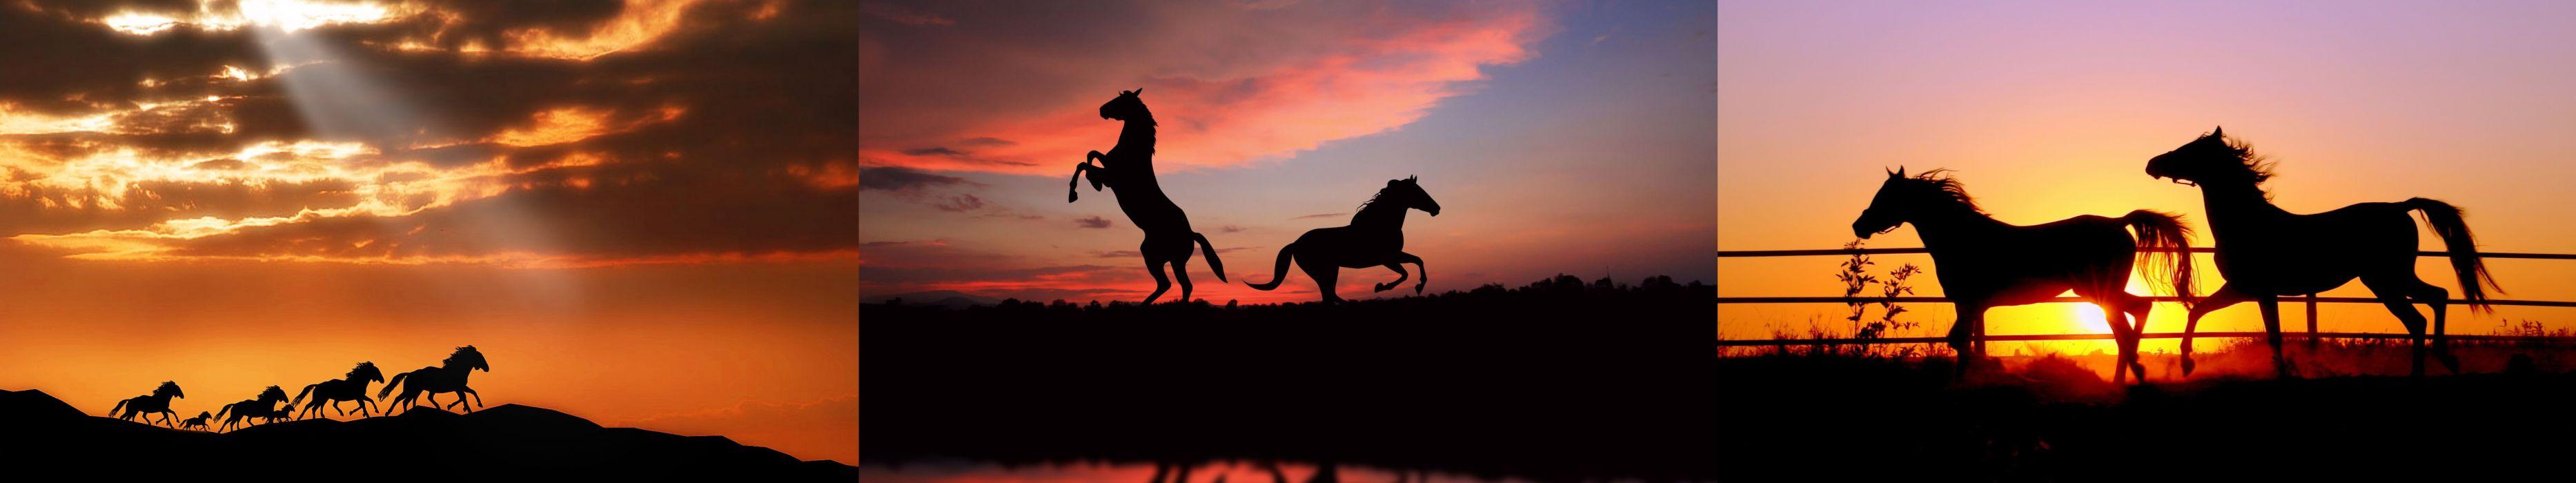 wallpaper triple multi multiple monitor screen horse cheval sunset  wallpaper